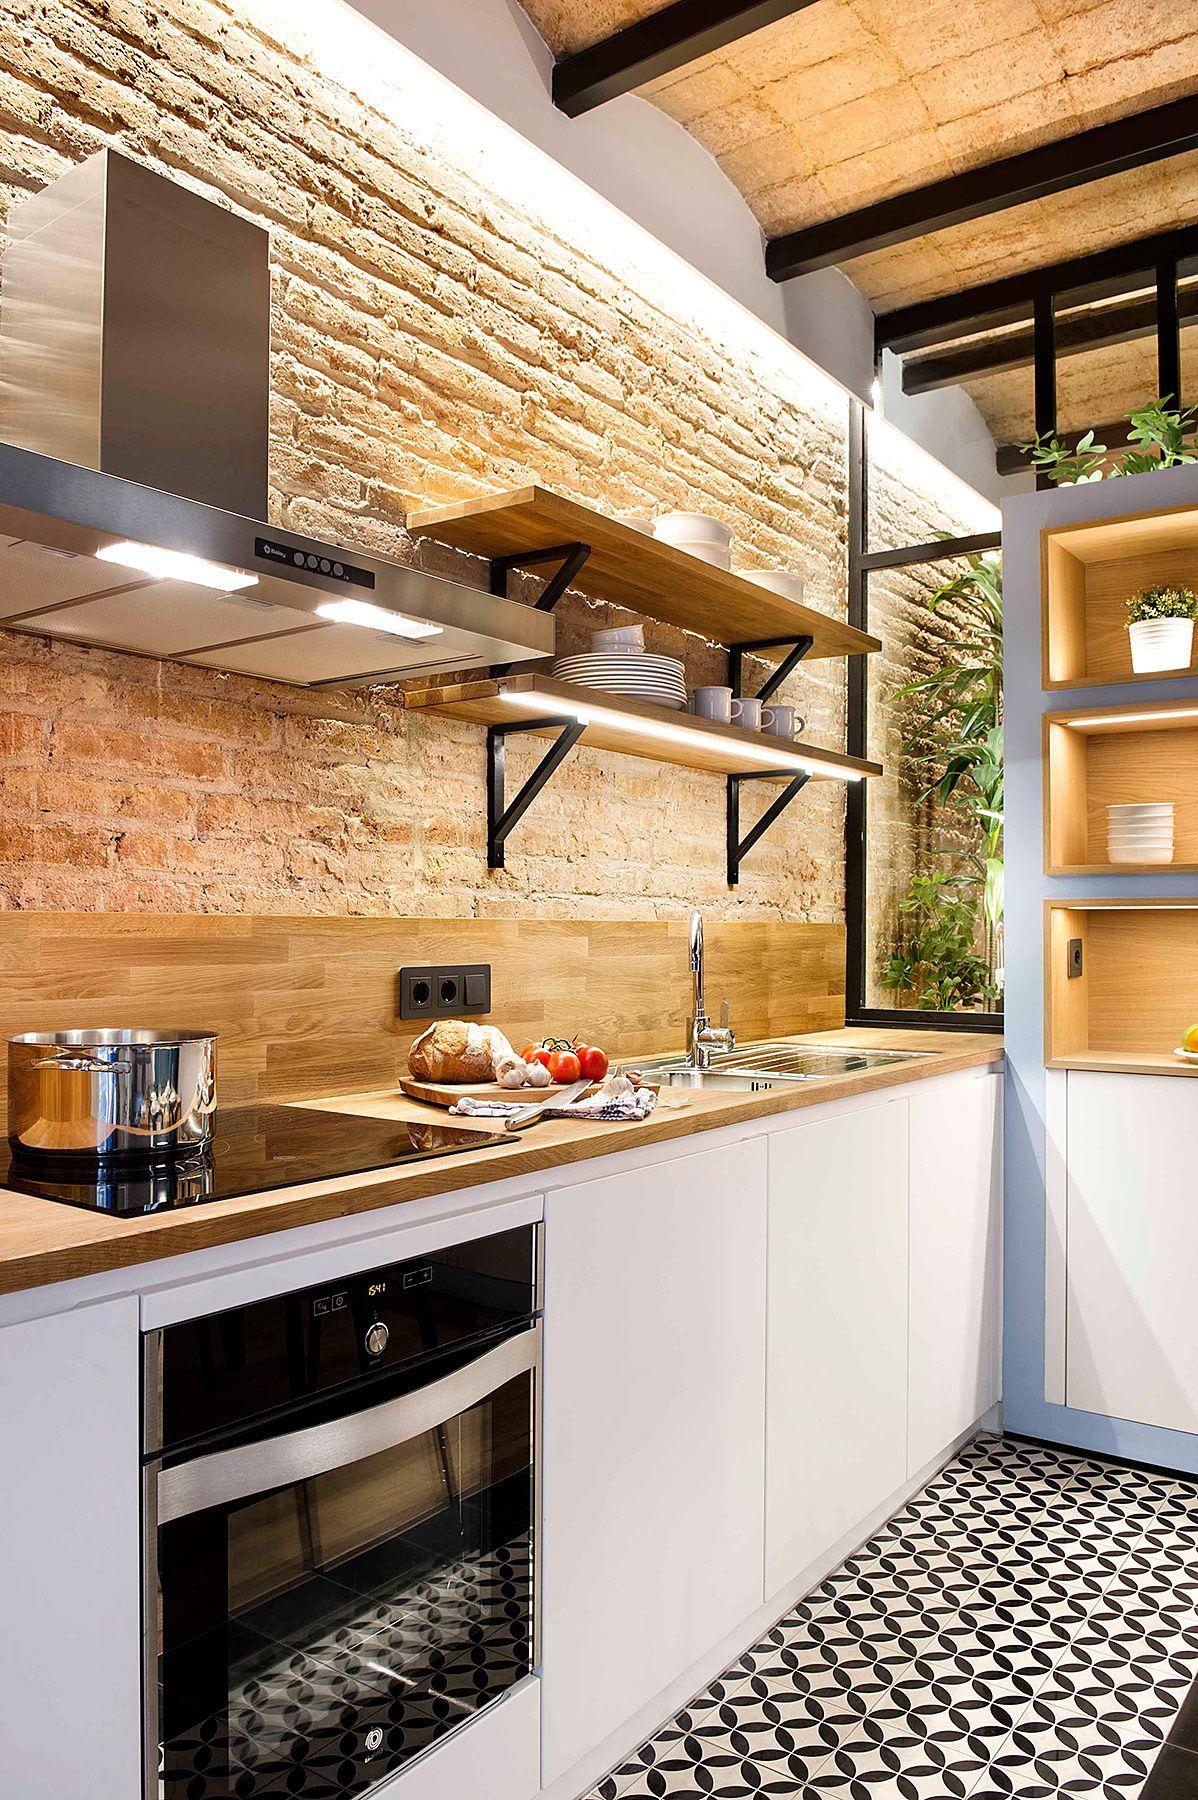 40 metros cuadrados de diseño vibrante - En la cocina, | Galería de ...